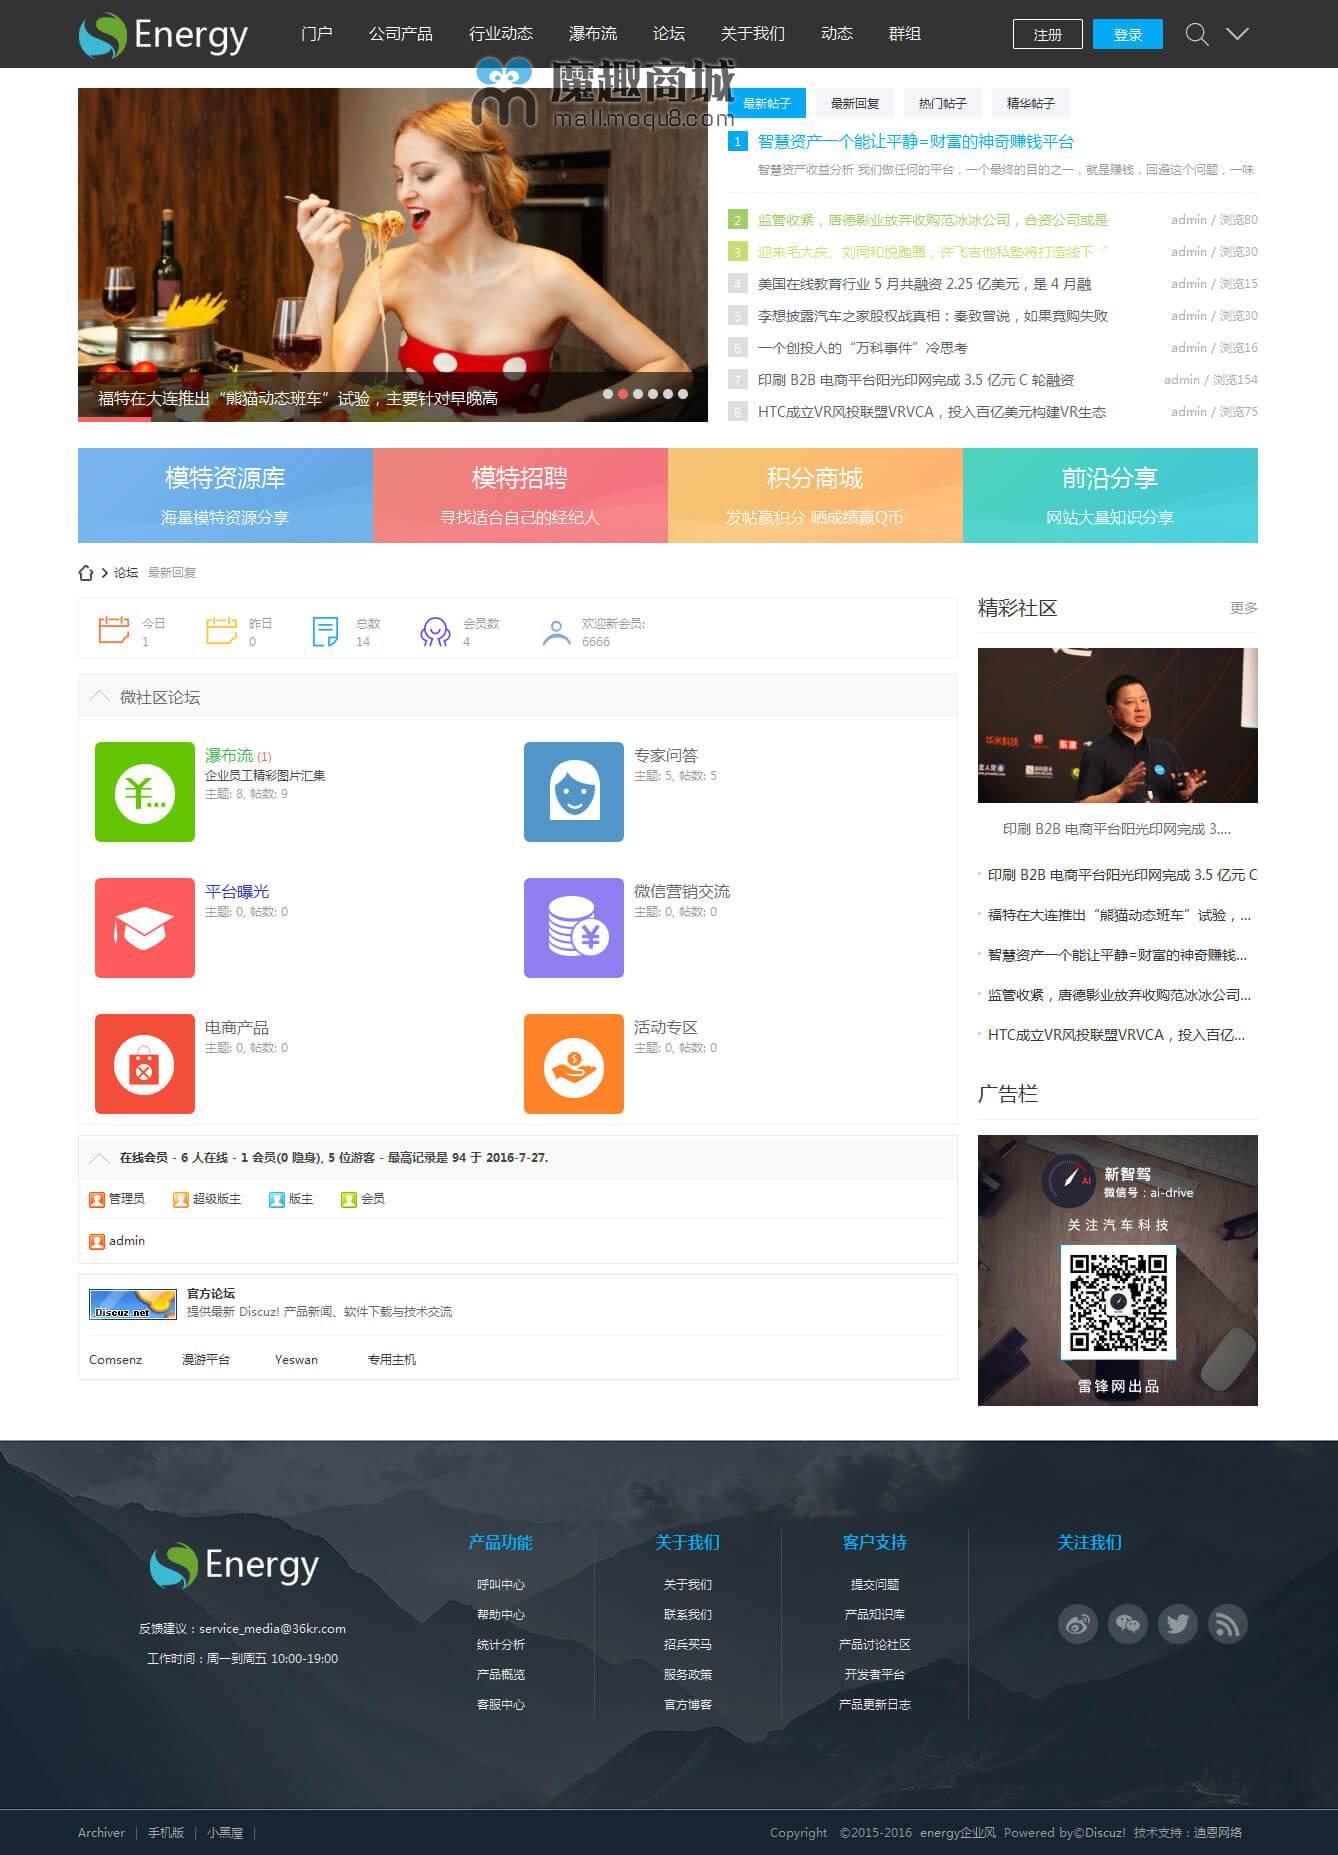 仿魔趣建站/企业产品营销展示模板